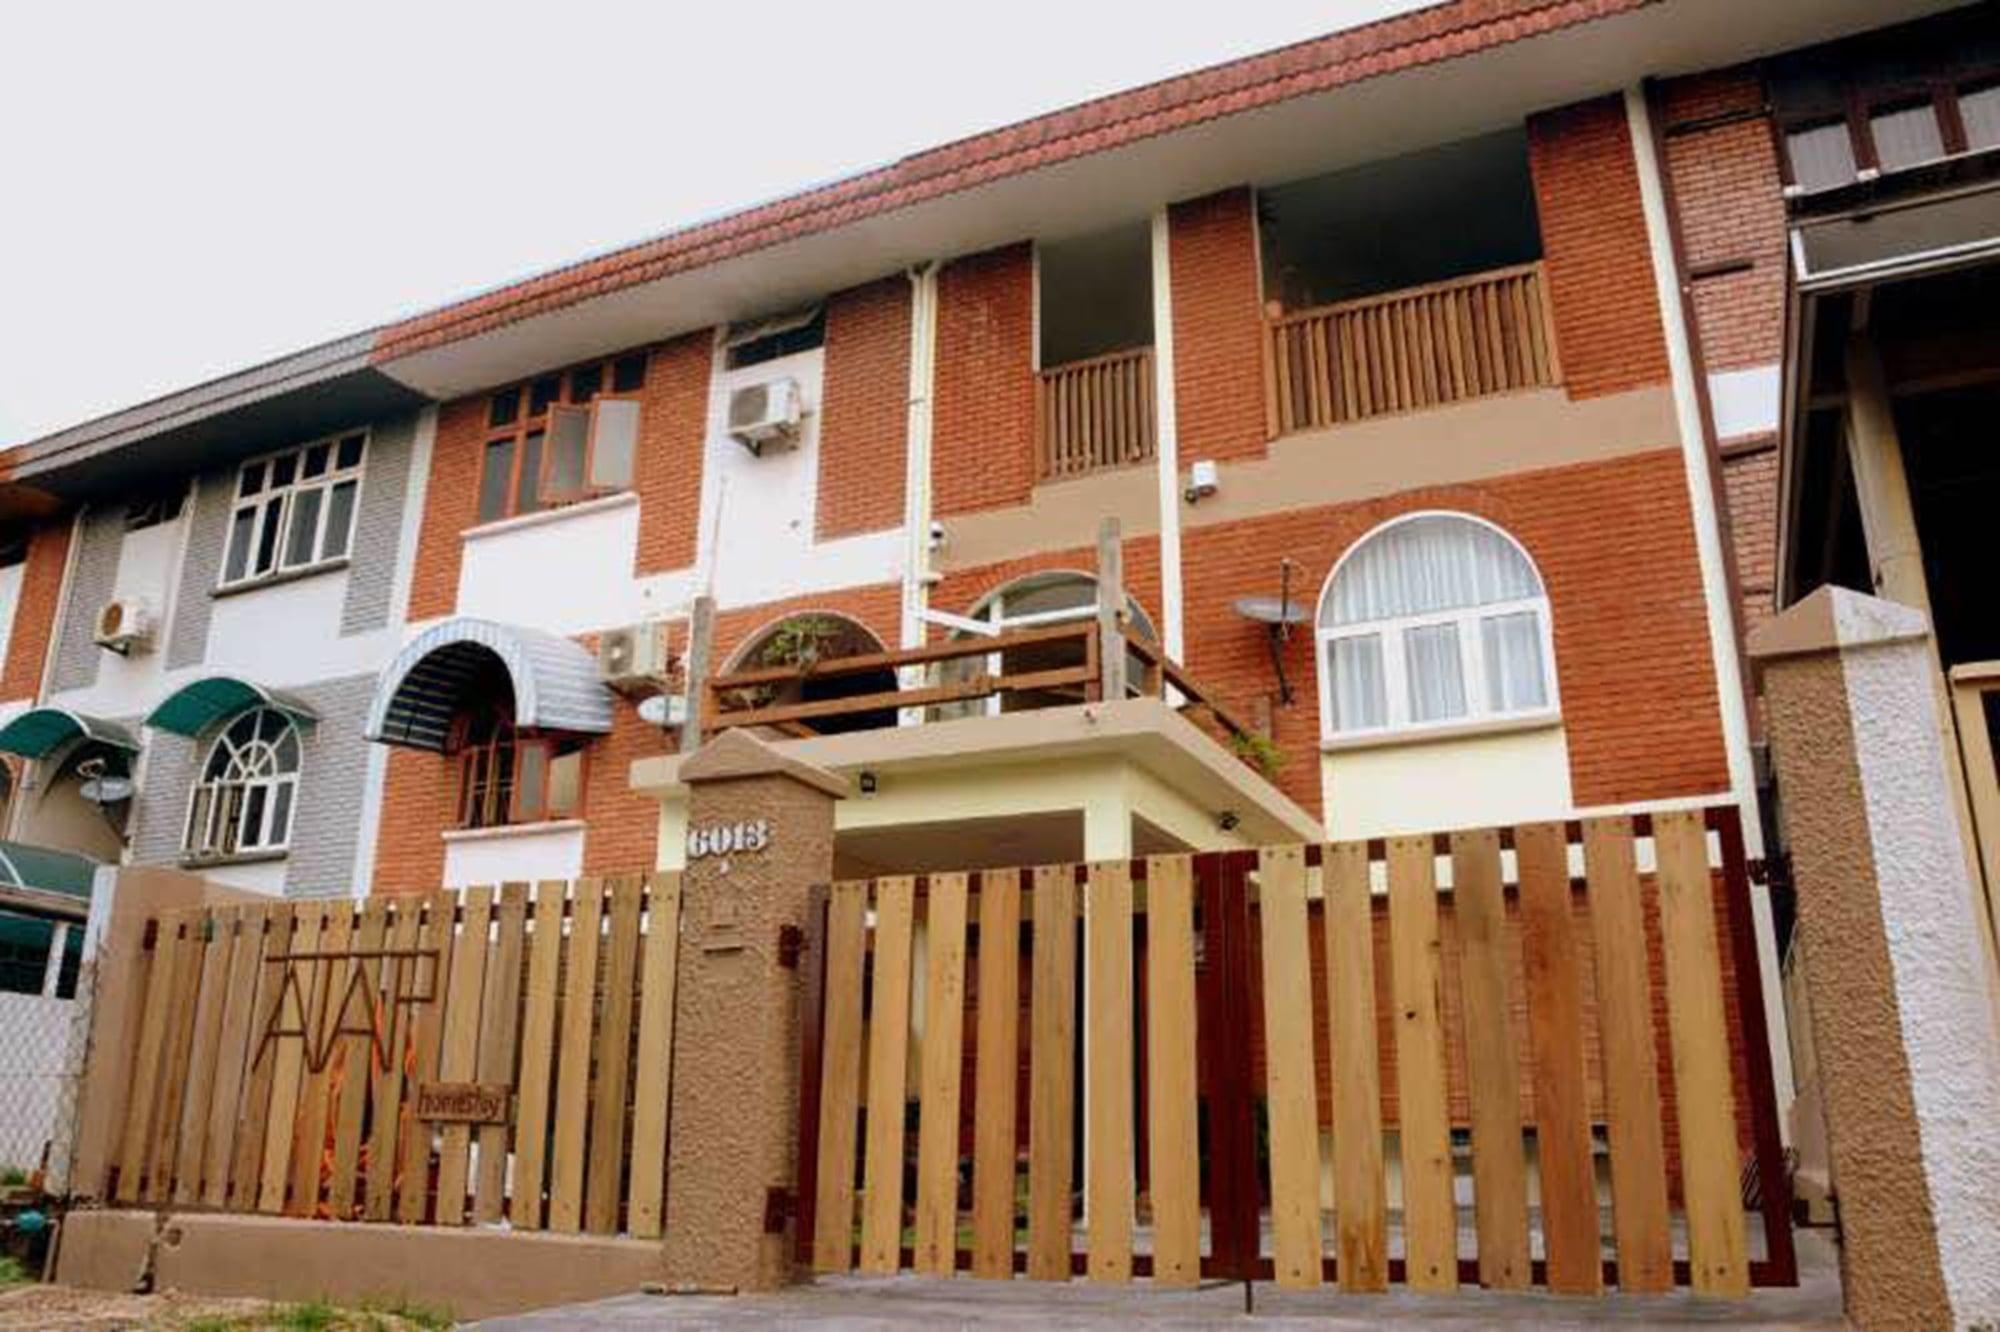 Atap Homestay, Kota Melaka